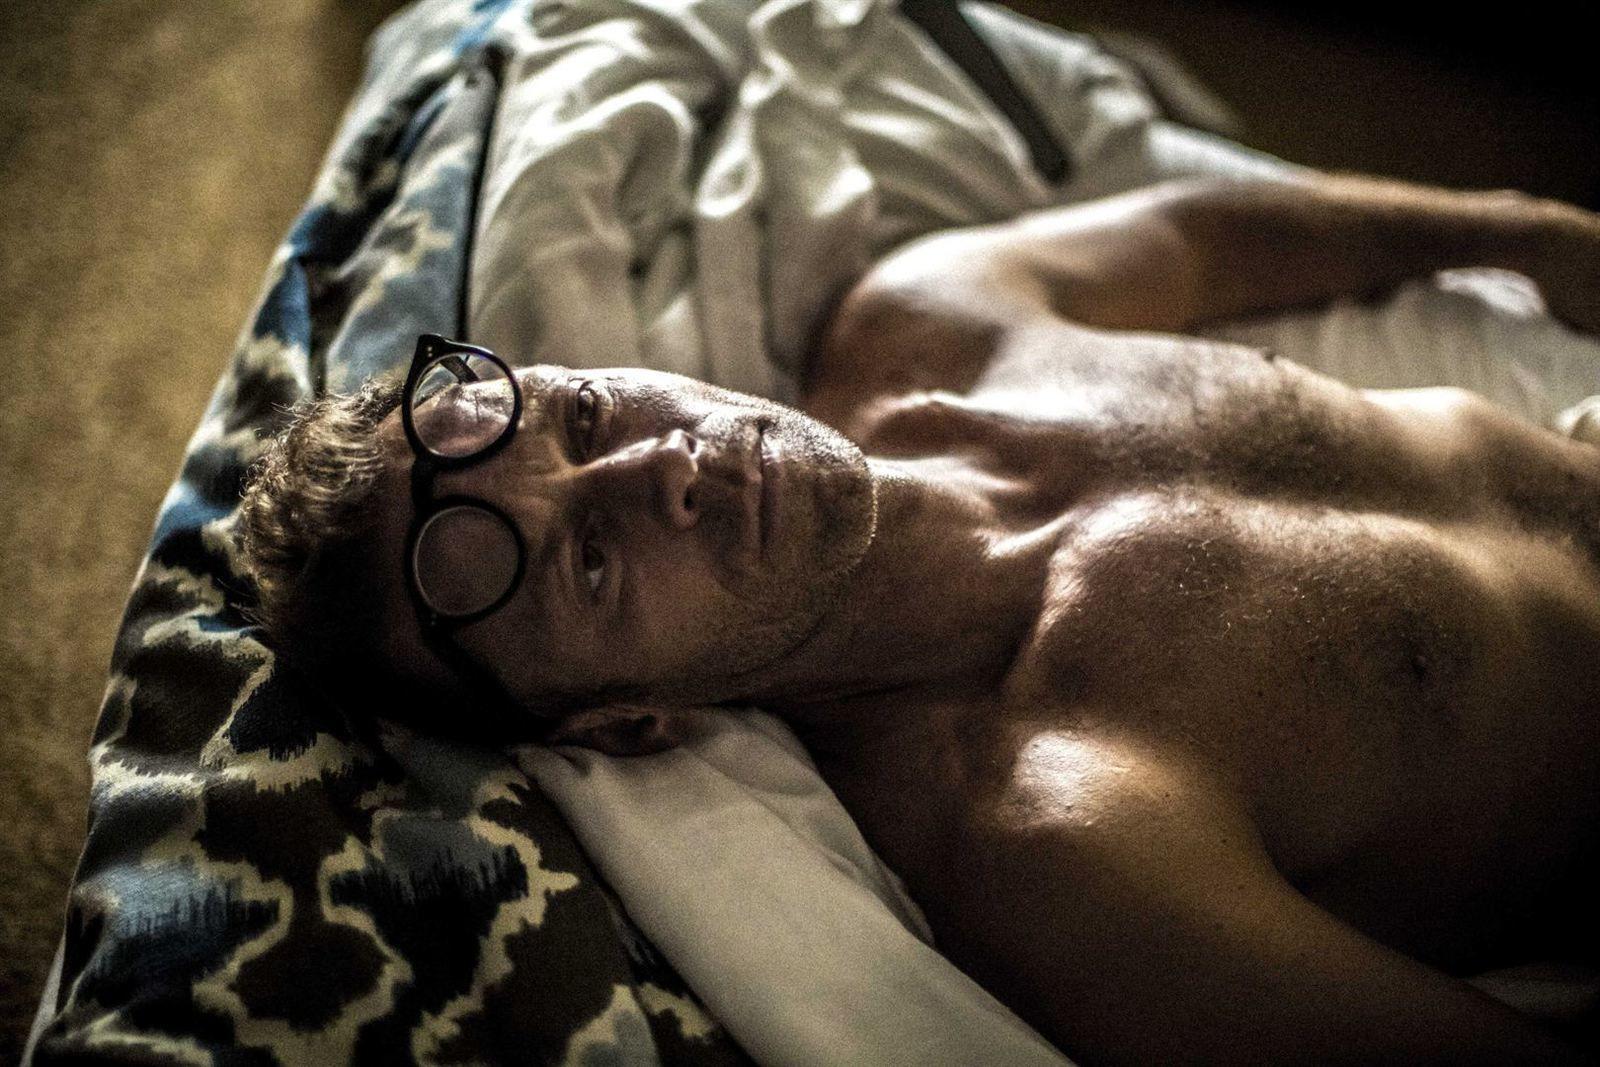 ROCCO (Bande-Annonce non censurée) Documentaire de Thierry Demaizière et Alban Teurlai sur Rocco Siffredi - Le 30 novembre 2016 au cinéma